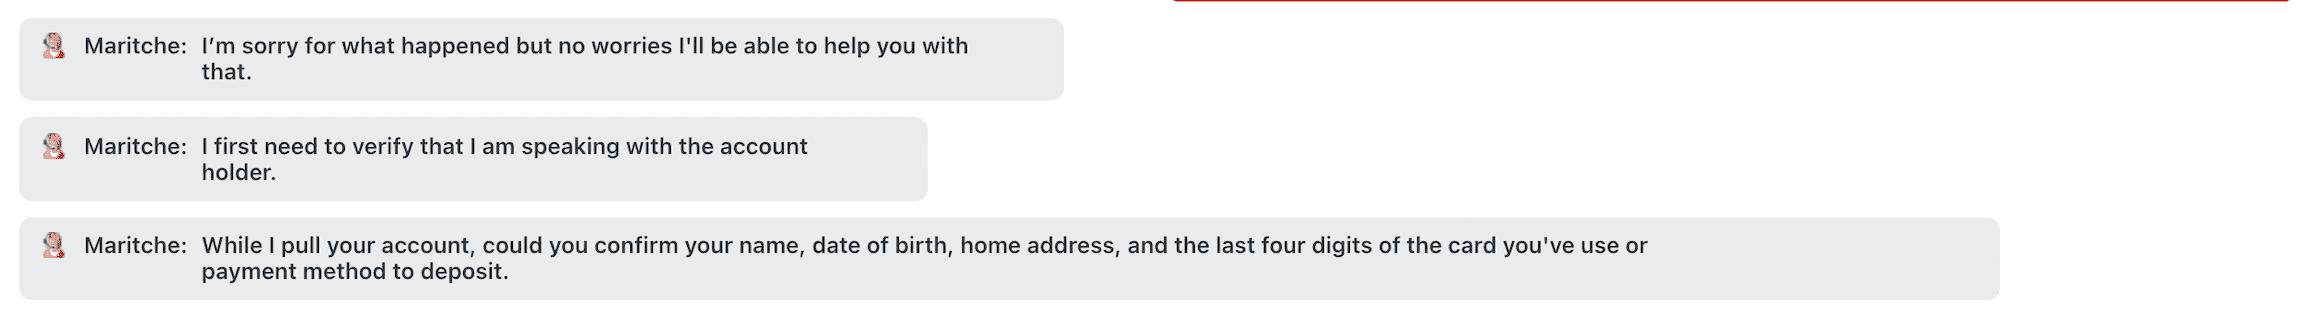 redbet chat 2